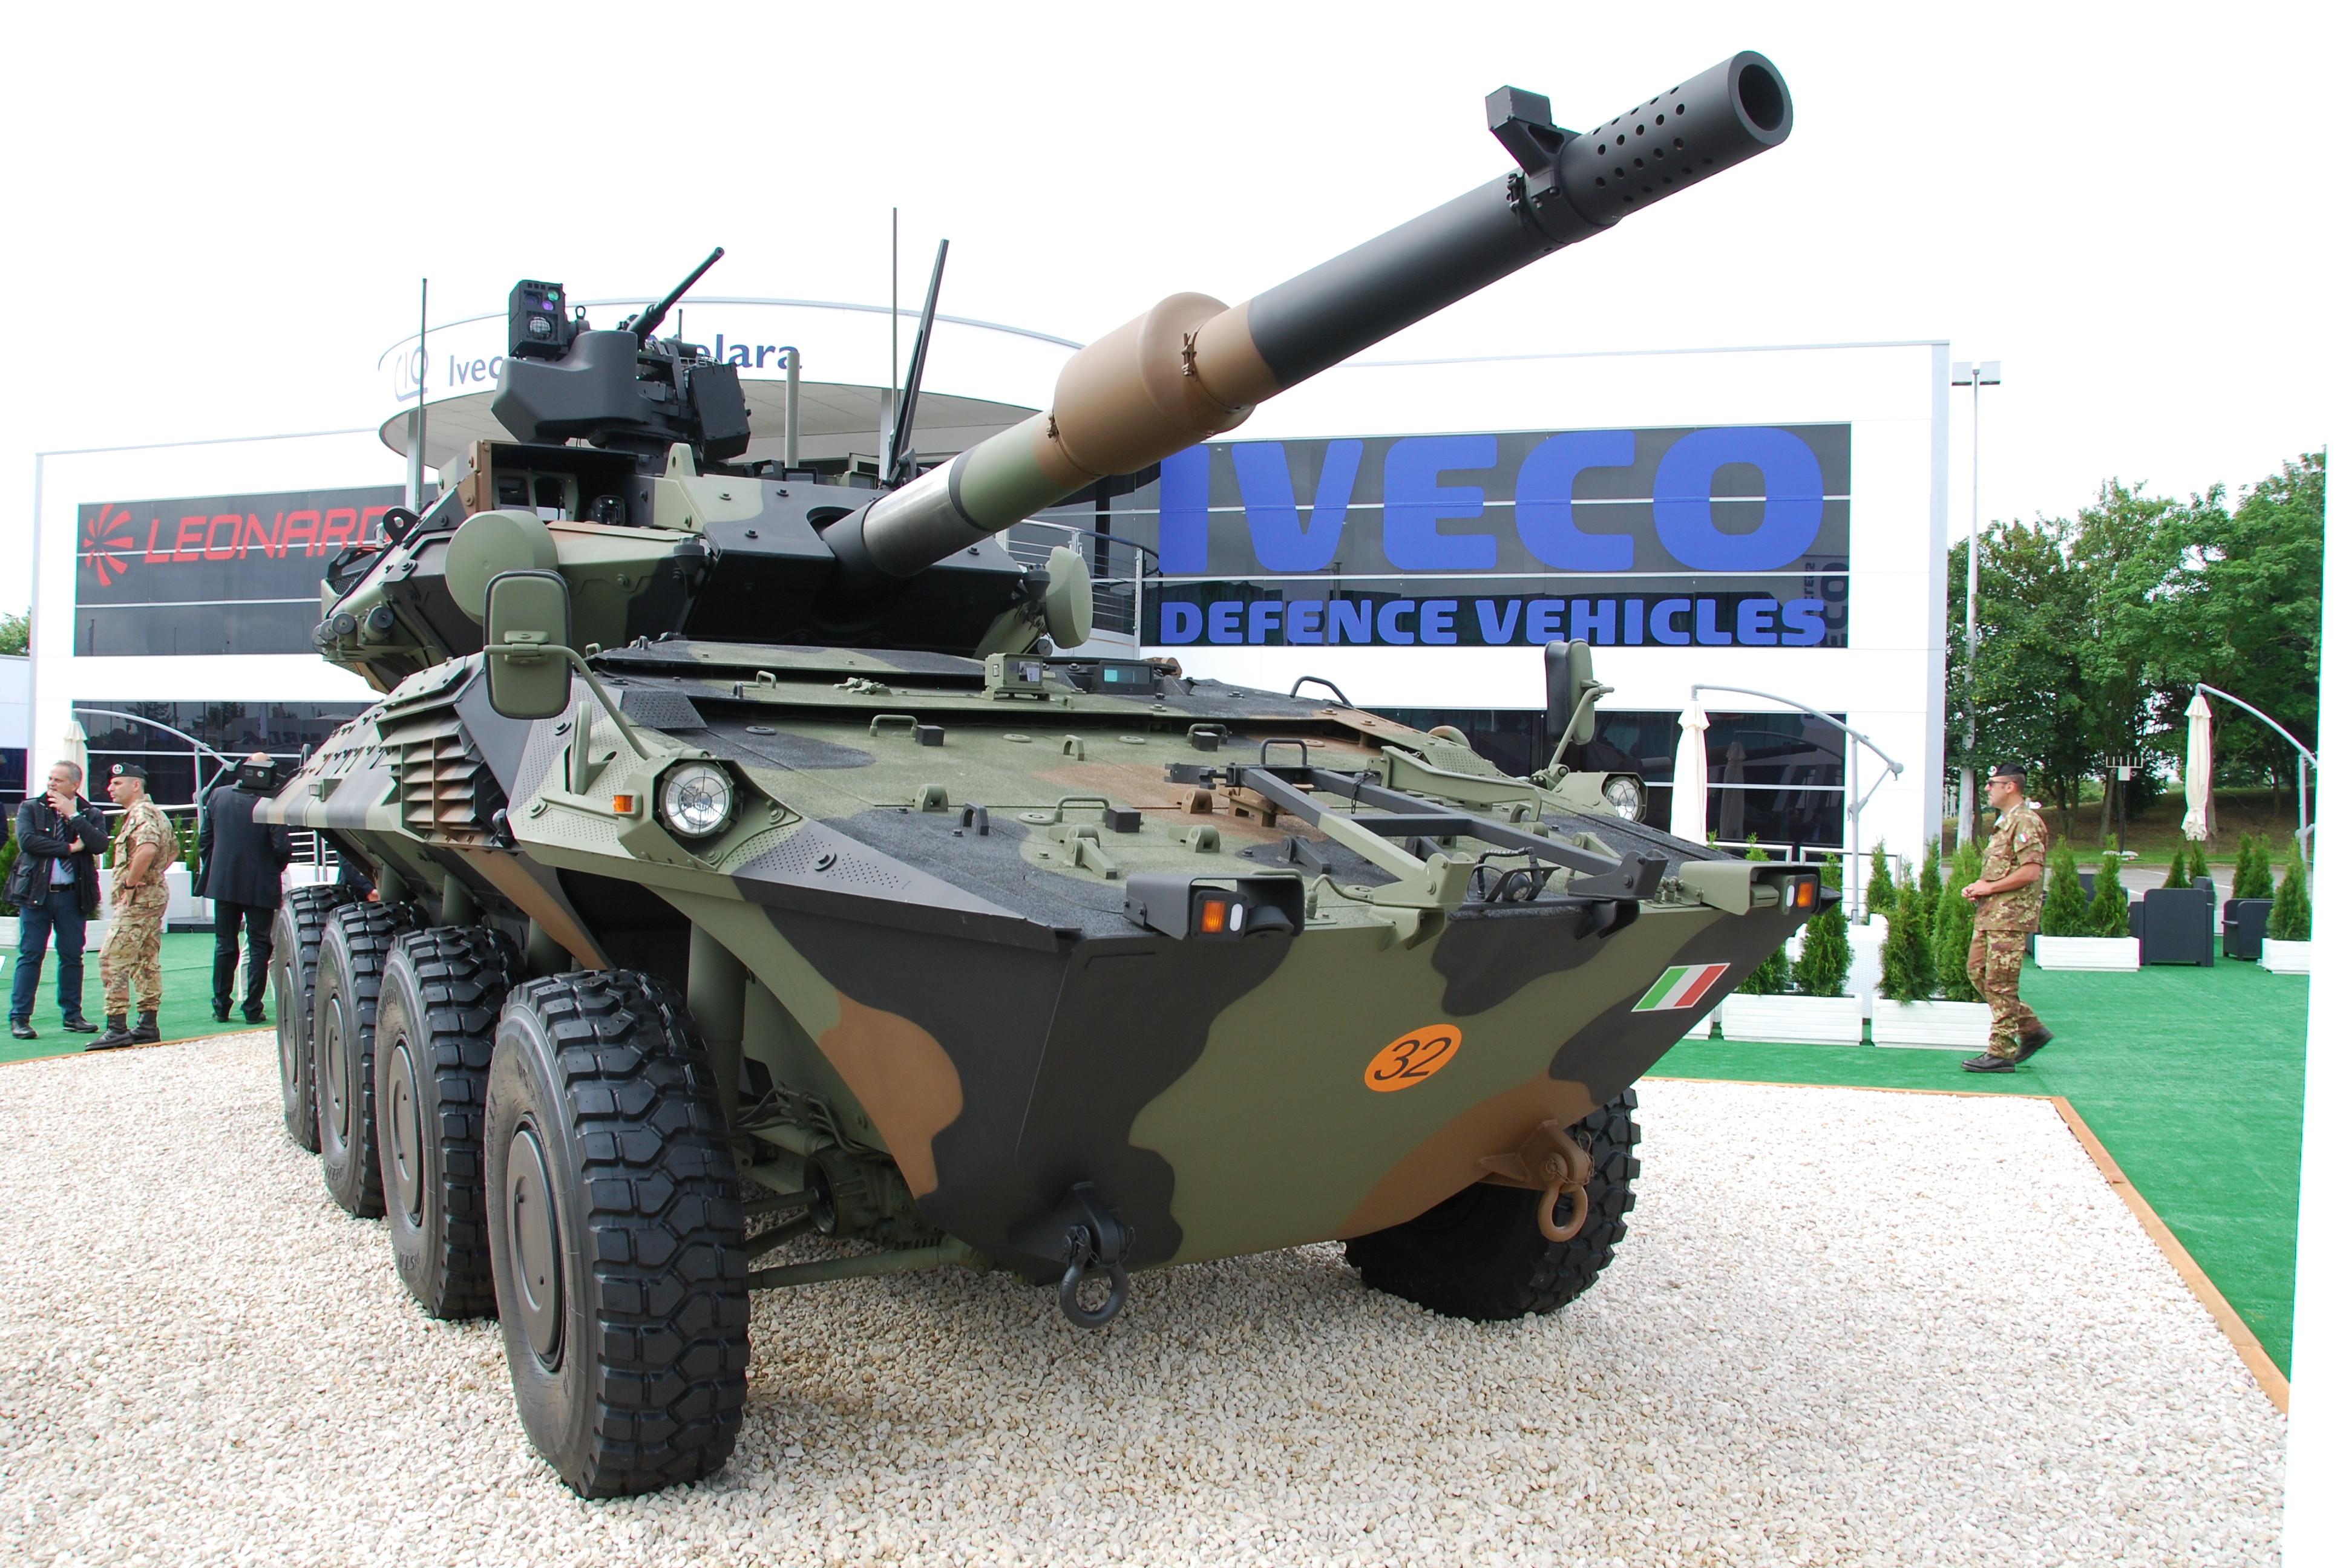 國軍,機甲力量,反登陸作戰,戰車,輪車,履車,國防部,軍備局,兵工廠,審計部